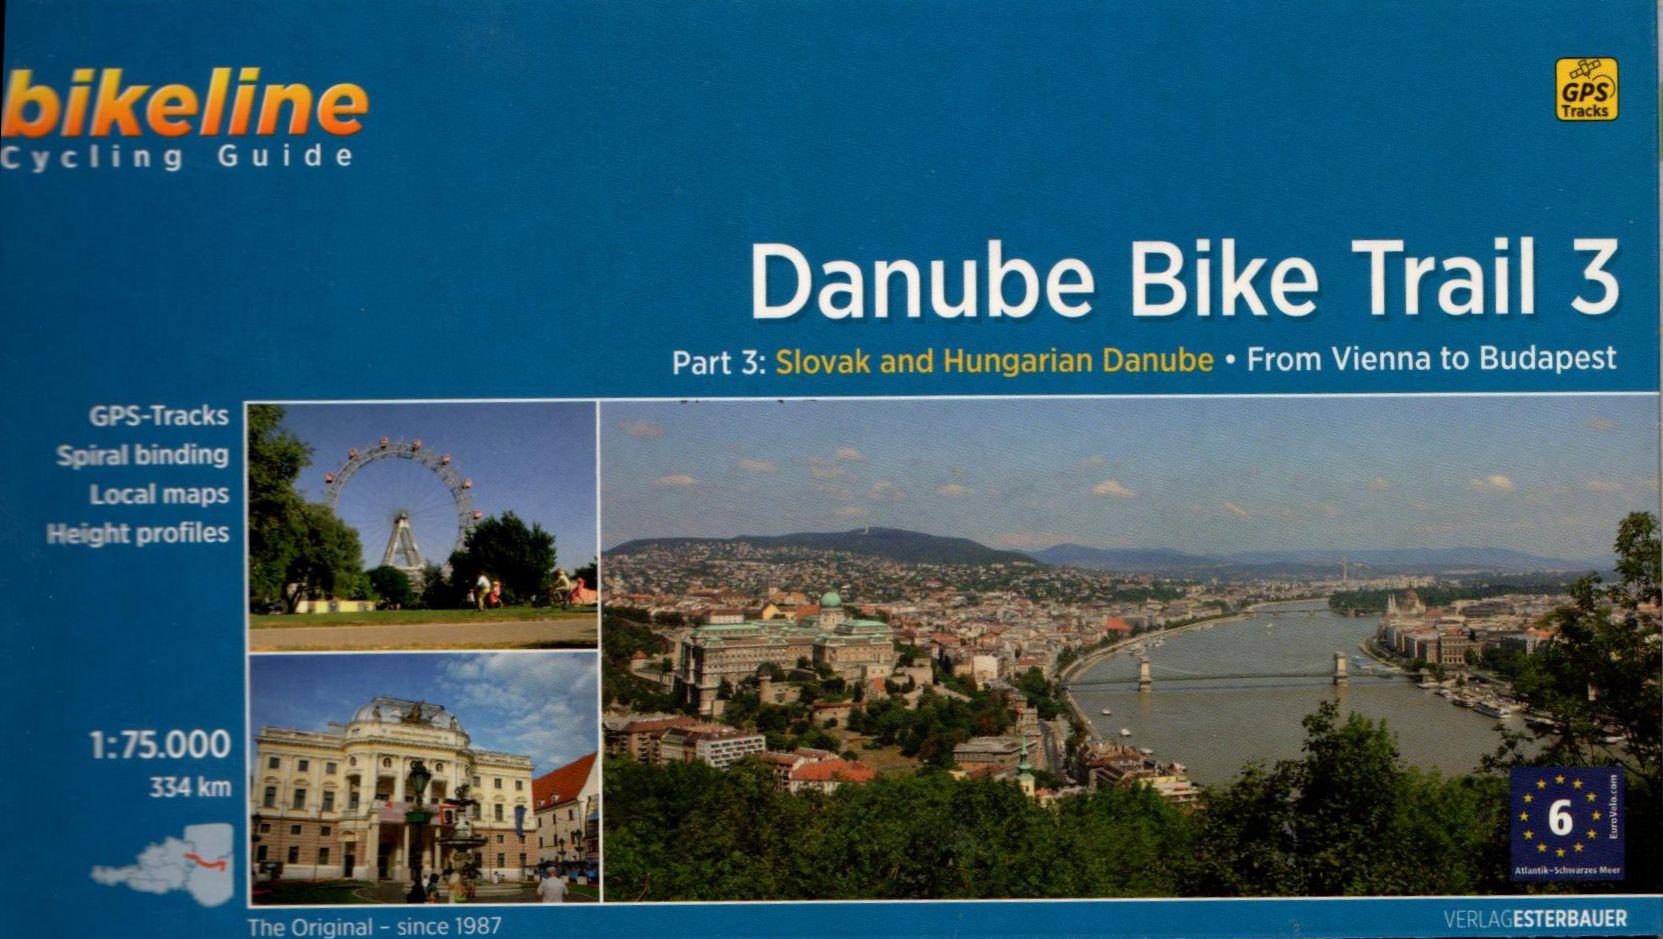 Spirál kötésű, 12 x 23 cm-es angol nyelvű térképes utikönyv a Bécs-Budapest közötti Duna szakaszról